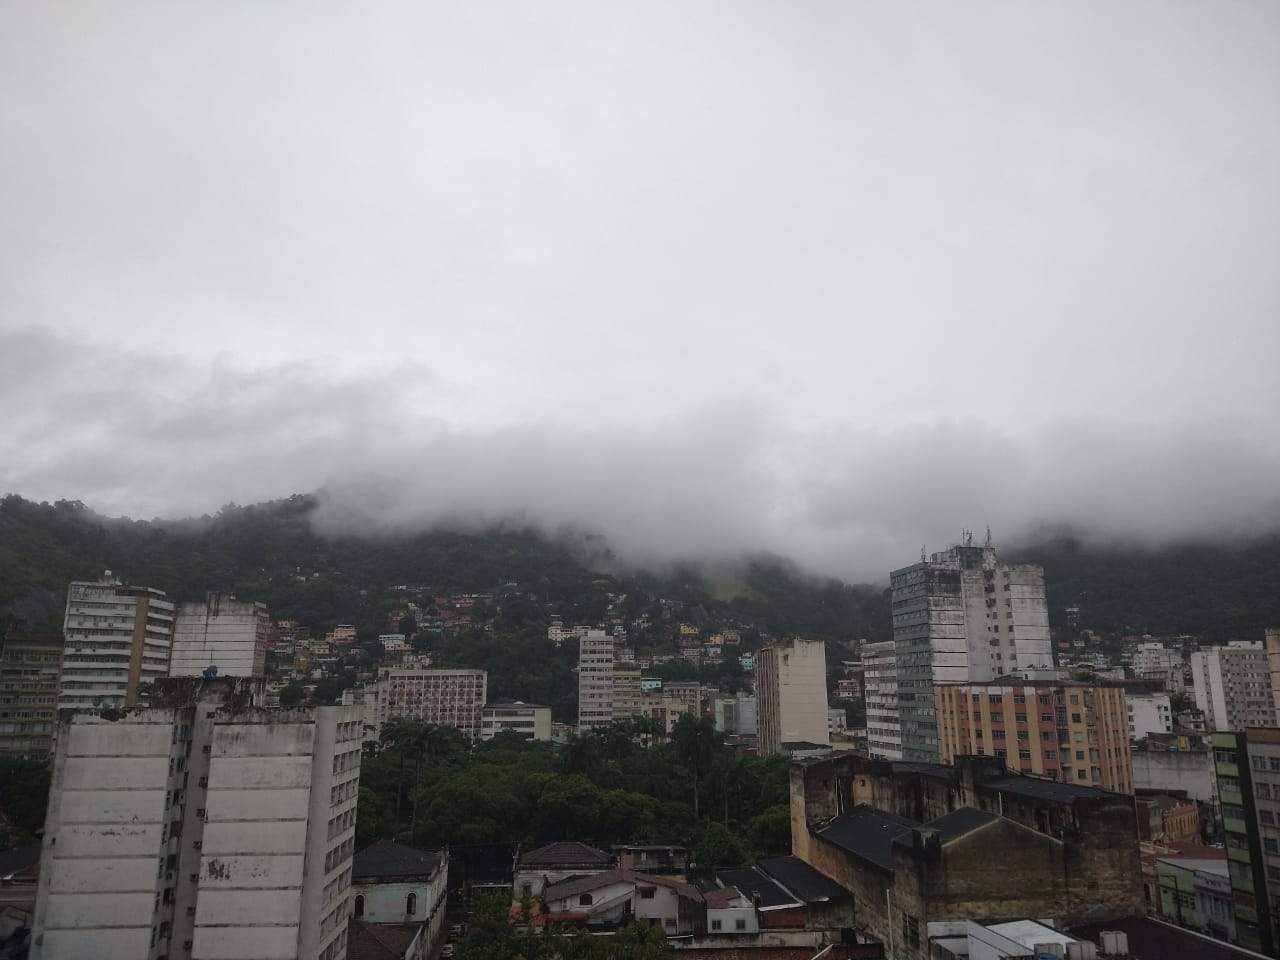 Fim de semana será de chuva e ventos fortes em todo o Espírito Santo, diz Instituto